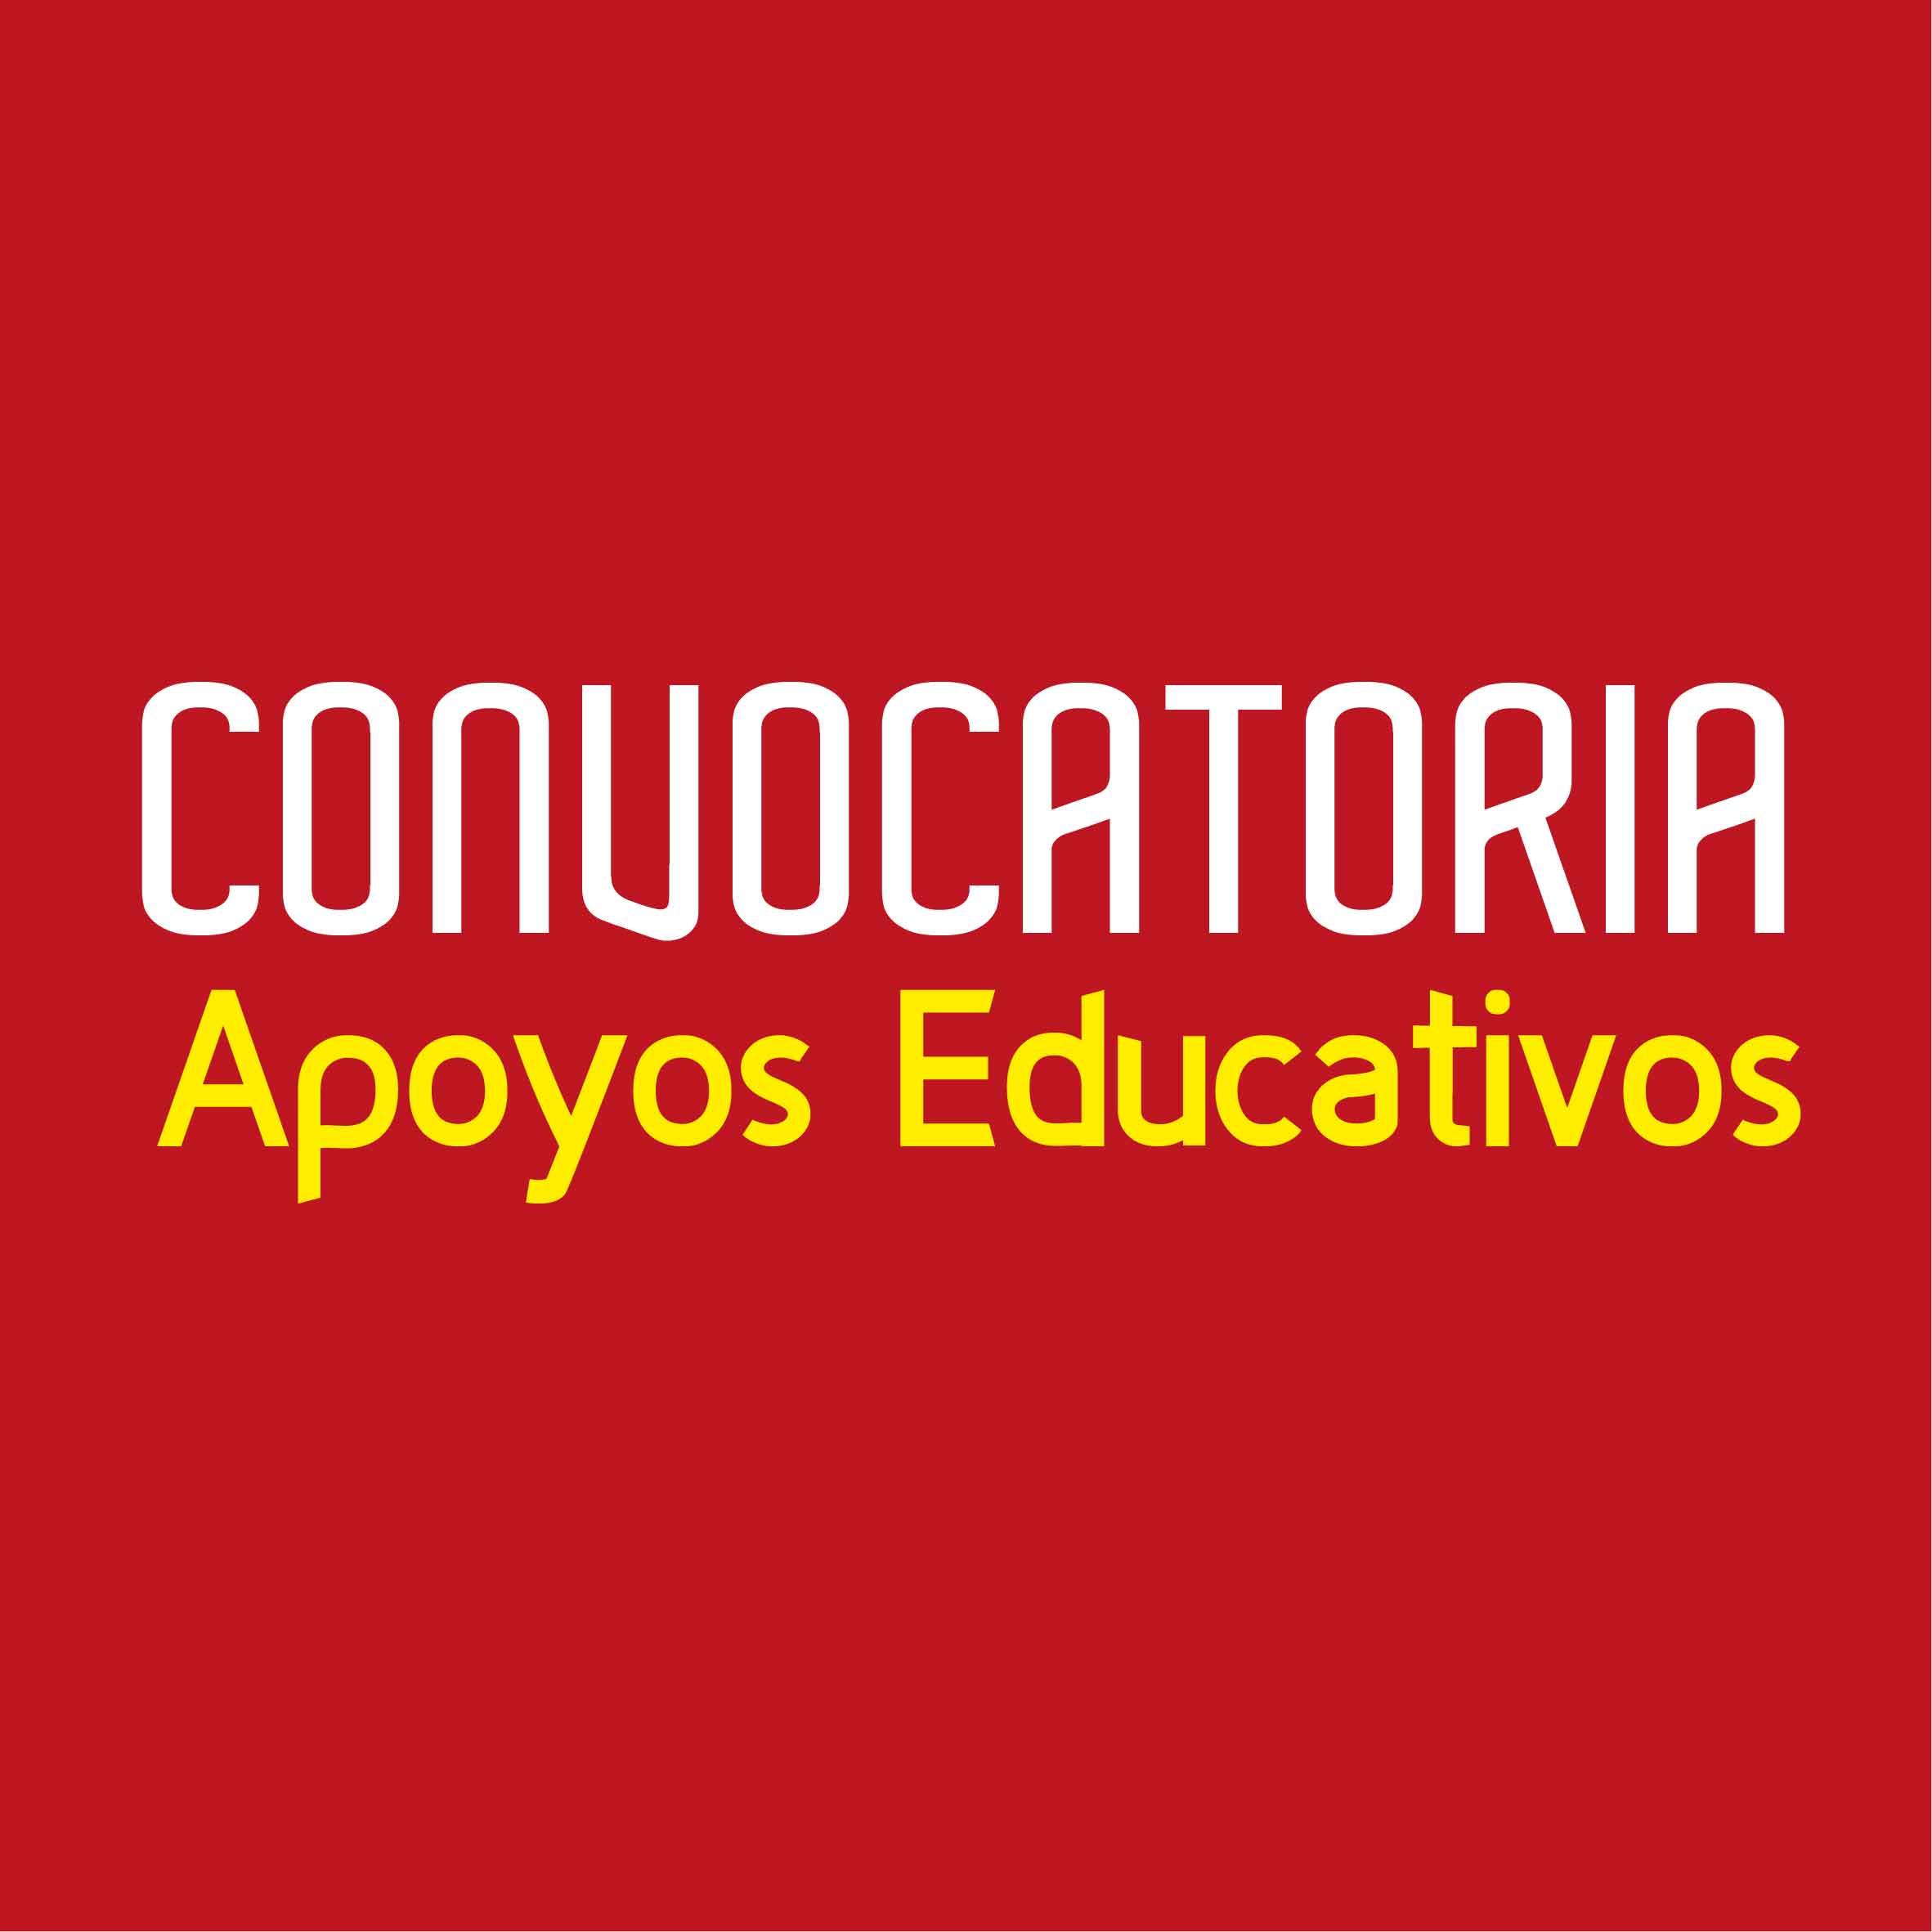 Convocatoria Apoyos Educativos 2020-2021